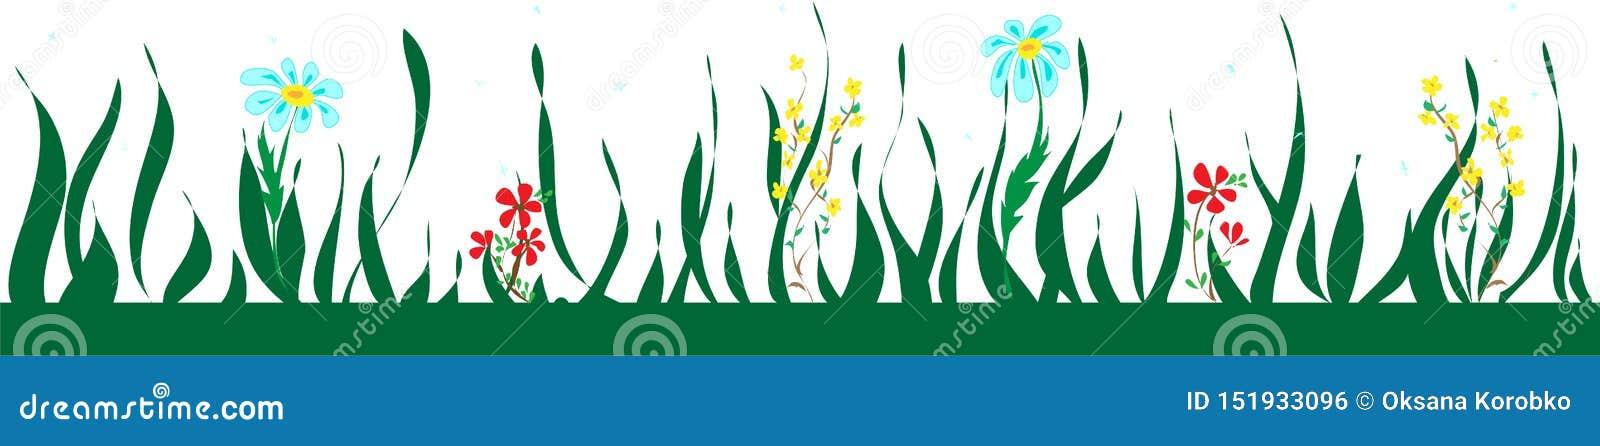 Botanische nahtlose Grenze mit Blumen und Blättern, Blumenmuster